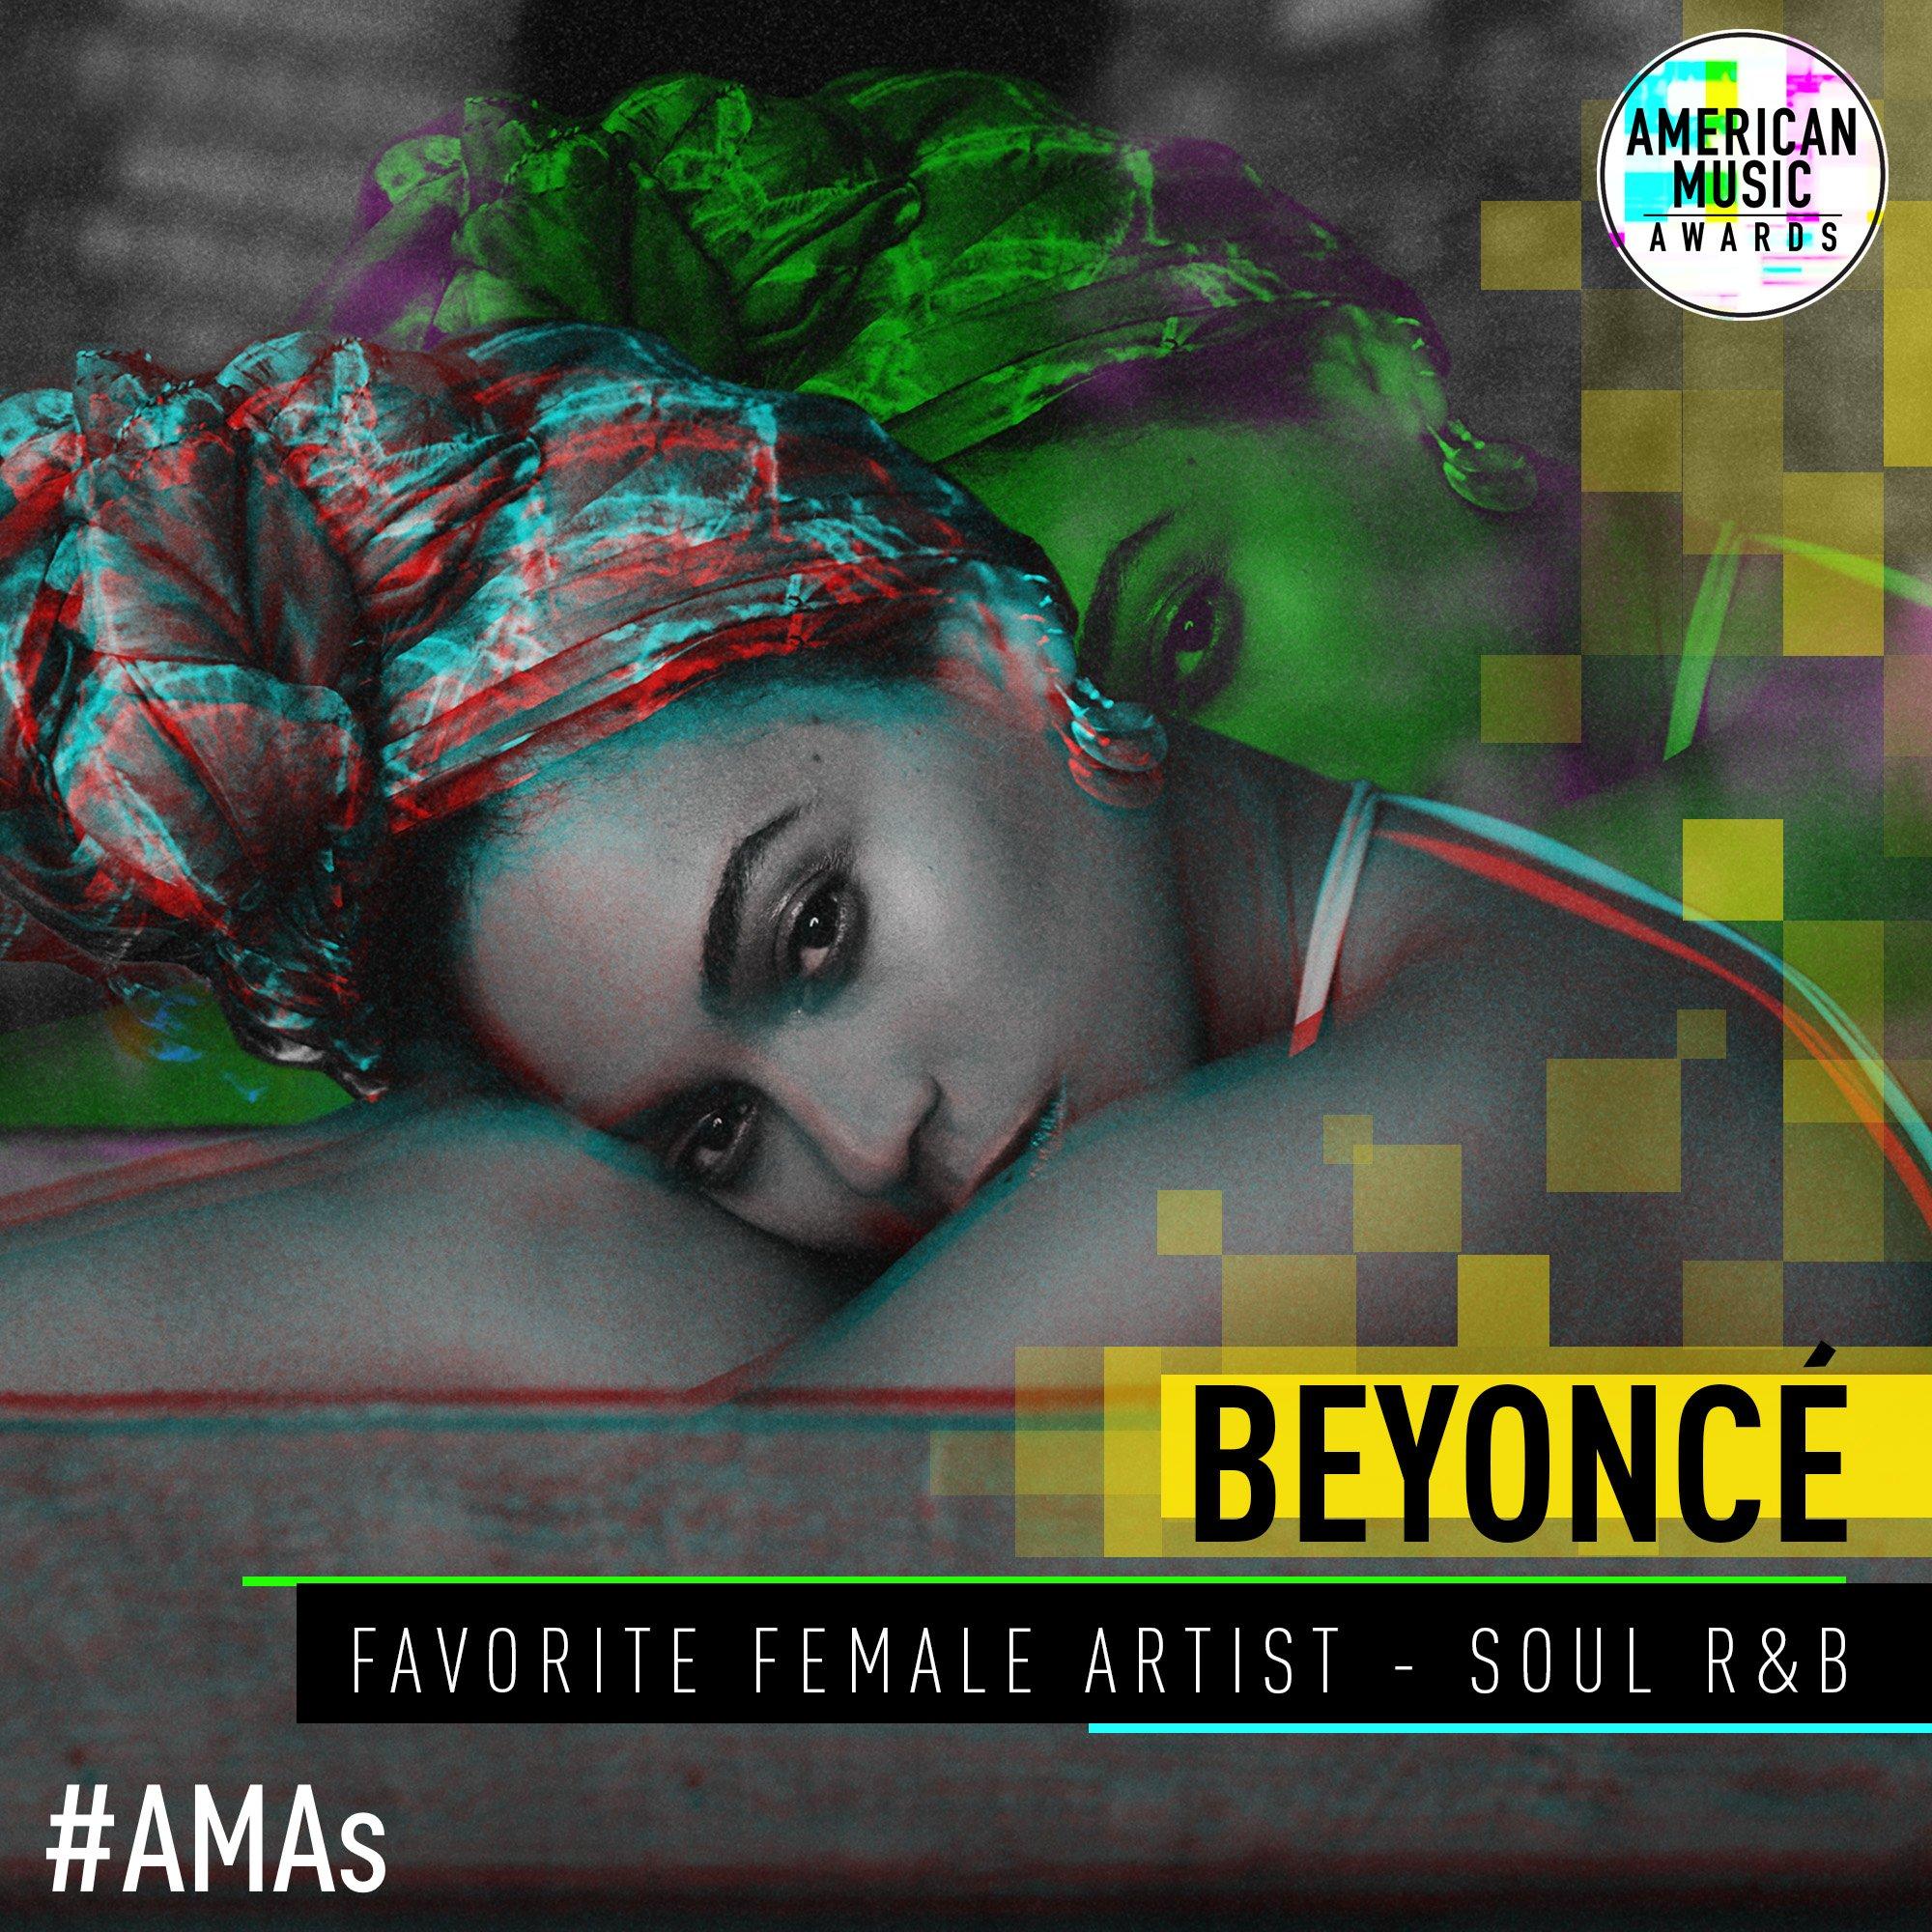 Your 2017 Favorite Female Artist - Soul/R&B is @Beyonce! Congratulations! #AMAs https://t.co/LdtkXtxe6J